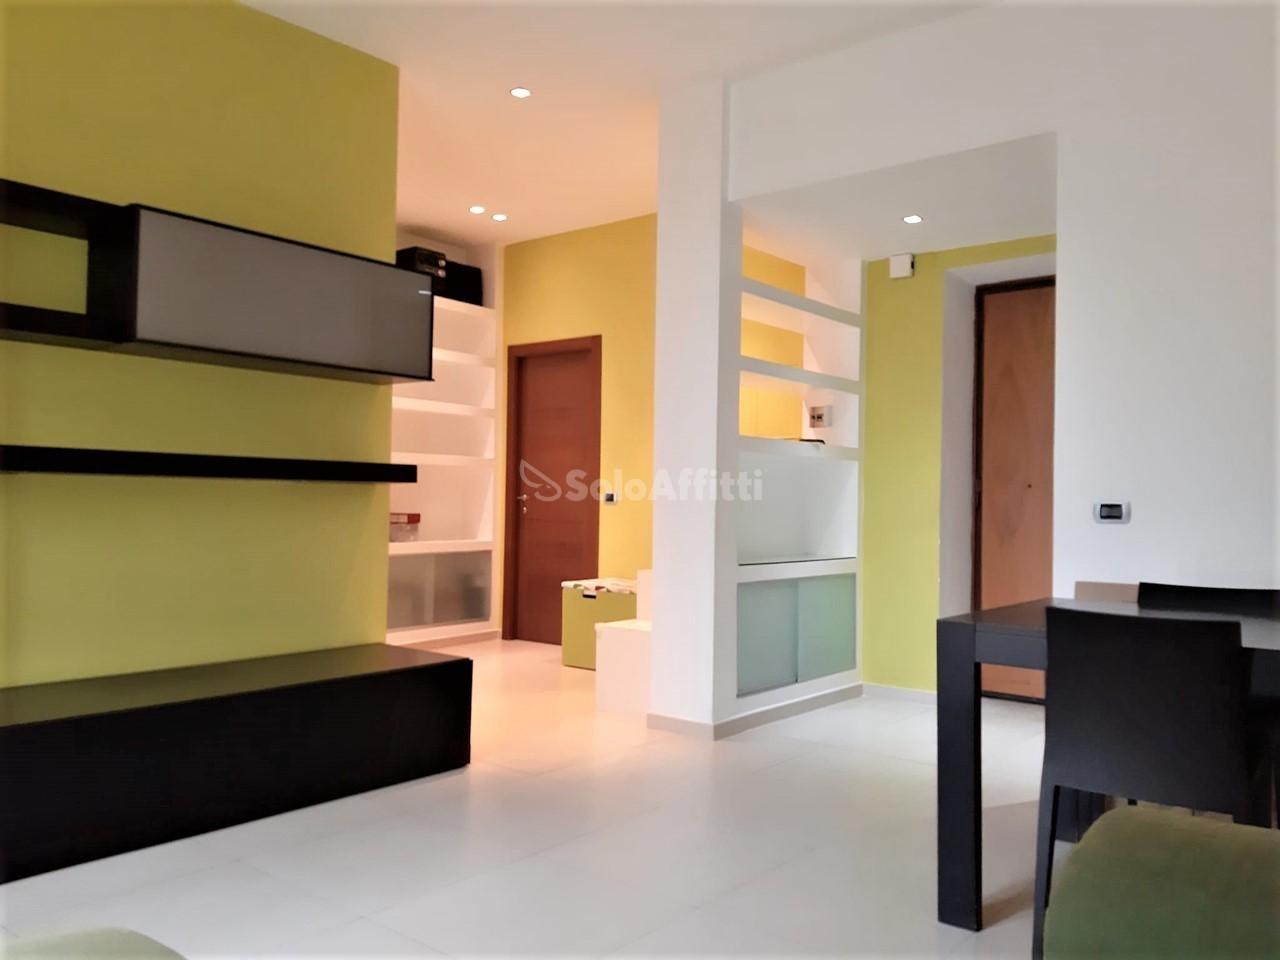 Appartamento Trilocale Arredato 91 mq.